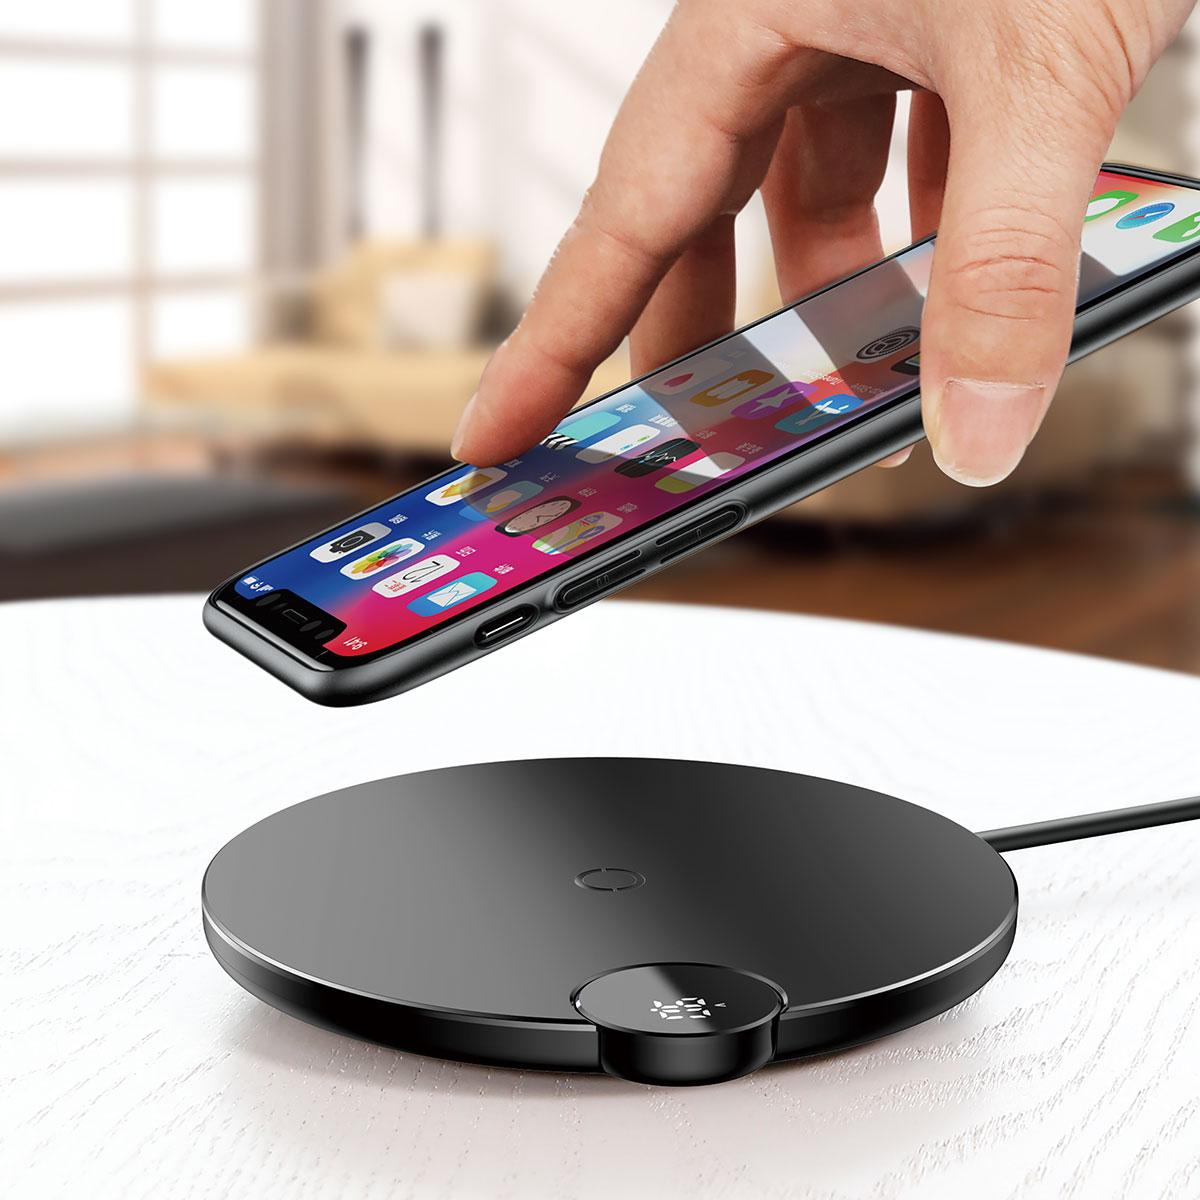 Беспроводное зарядное устройство Baseus Digtal LED Display Wireless Charger